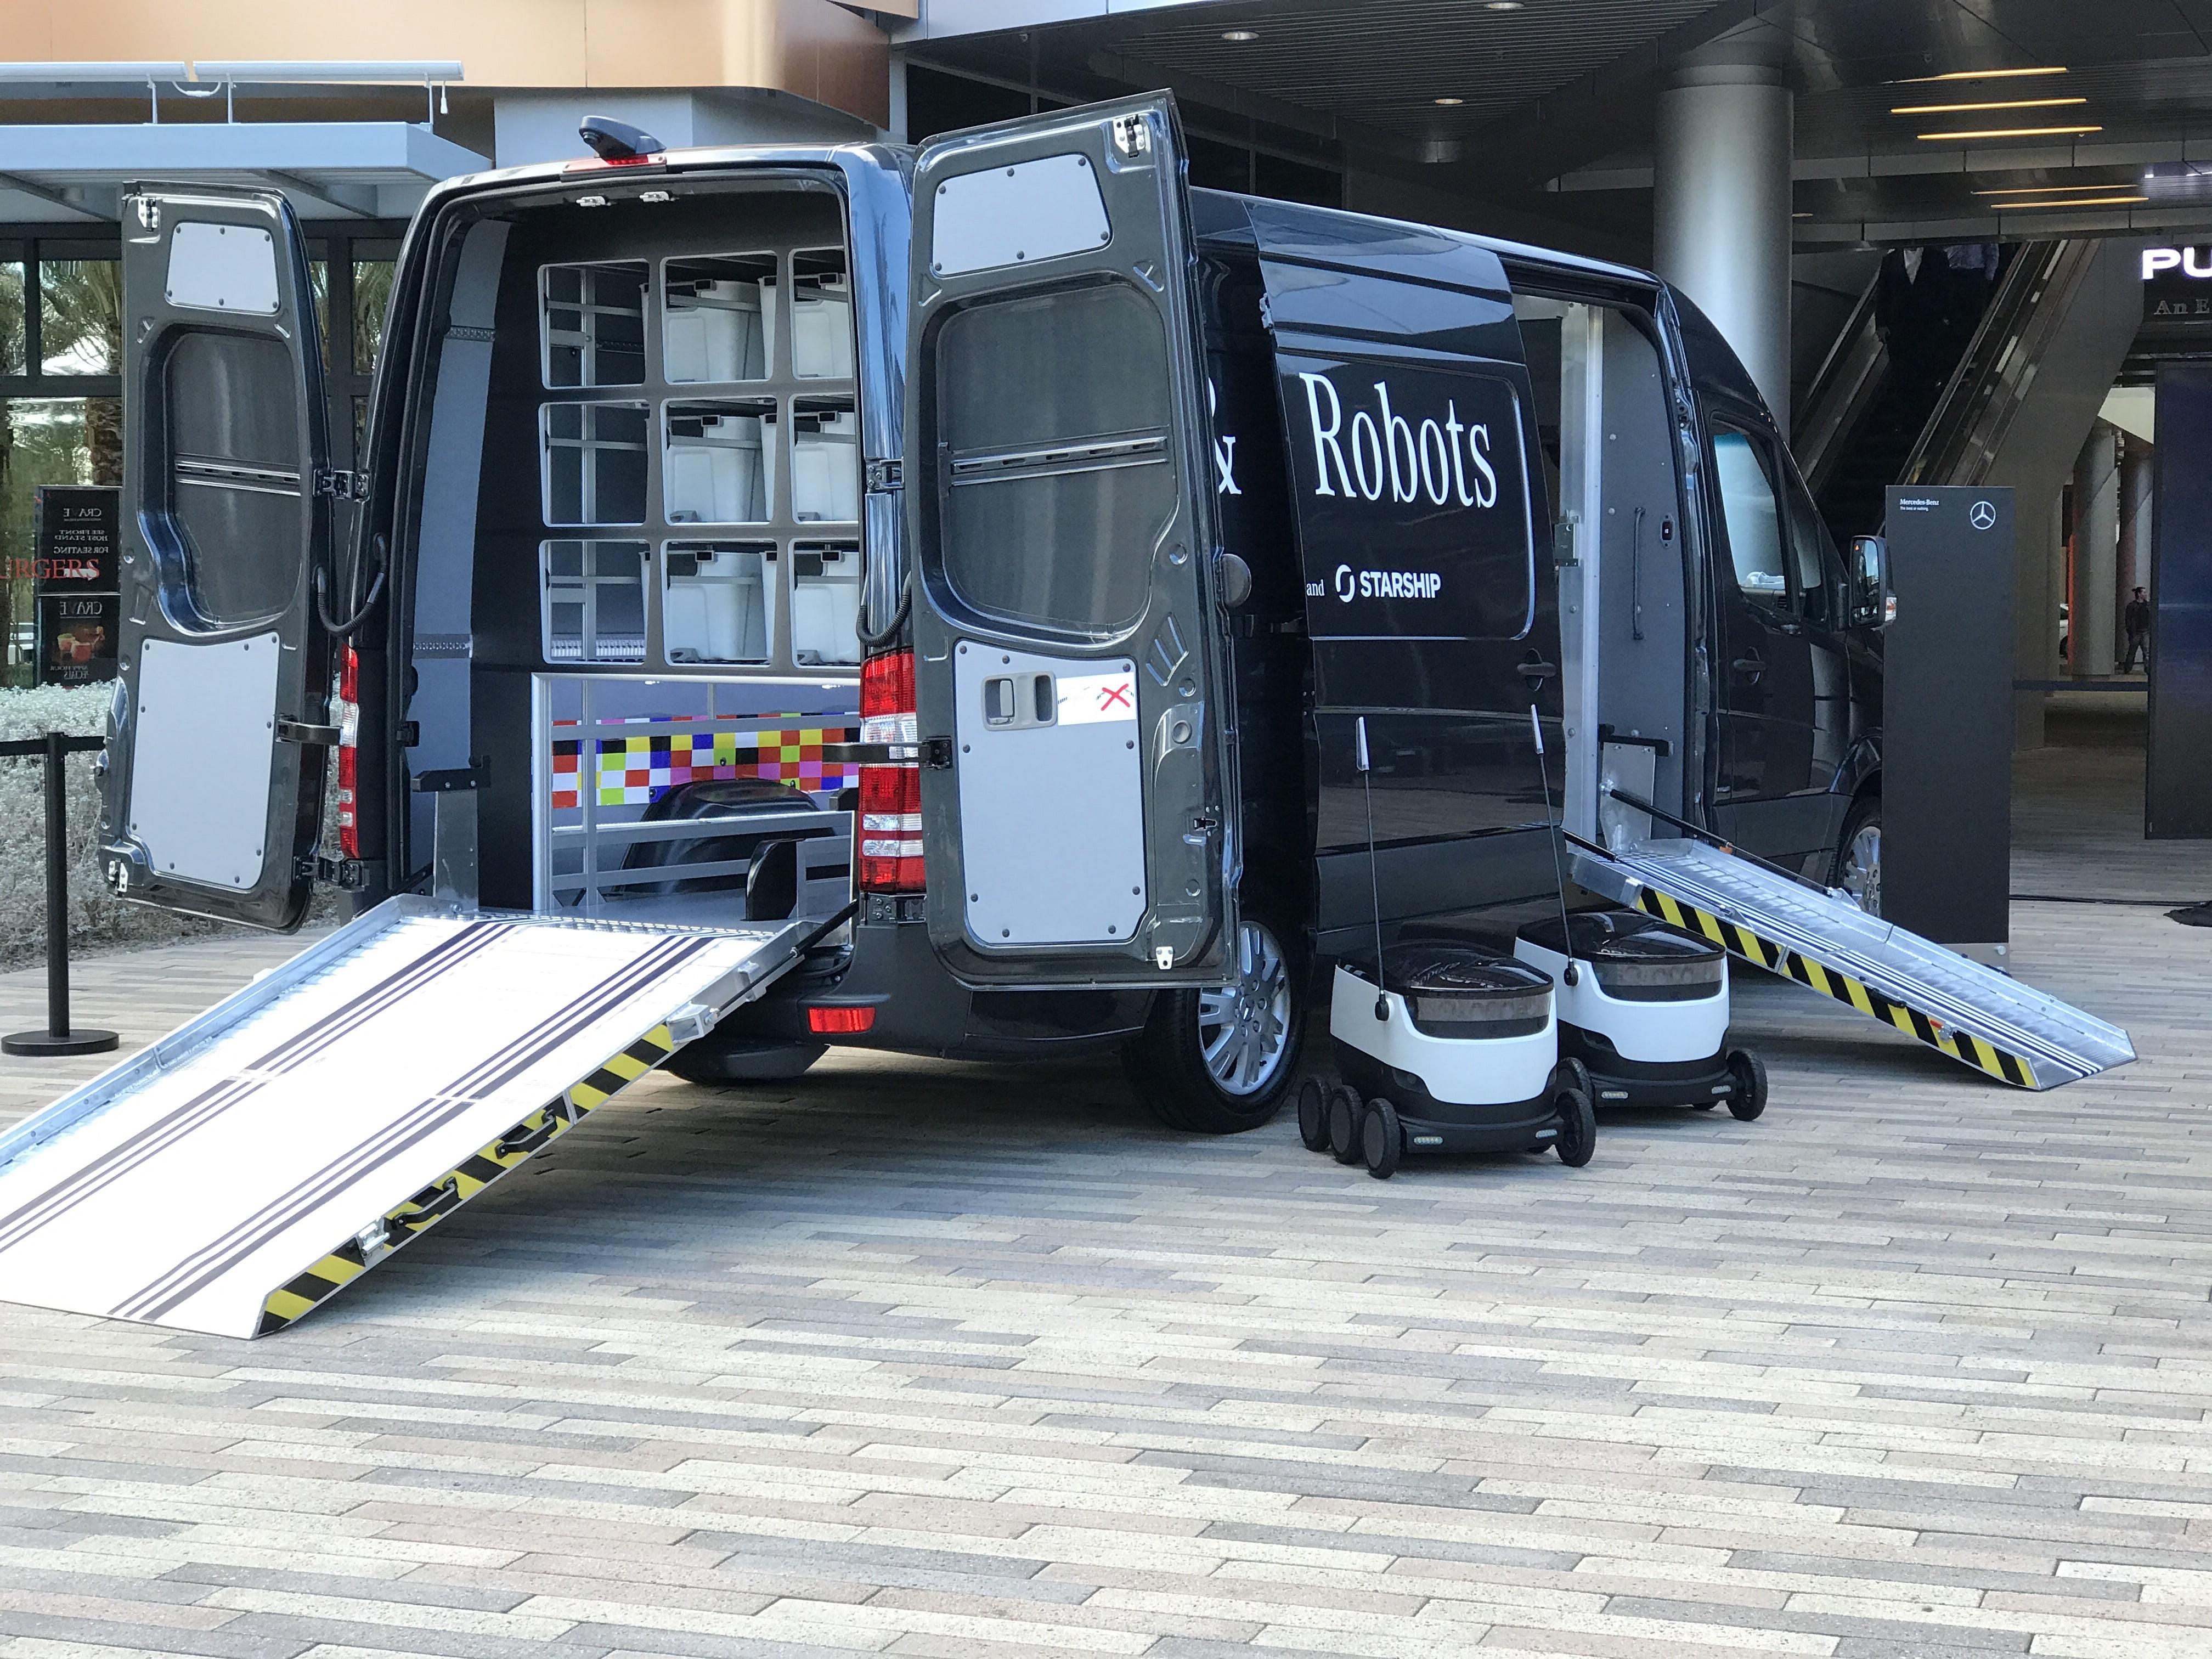 Mercedes-Benz Autonomous Delivery Van